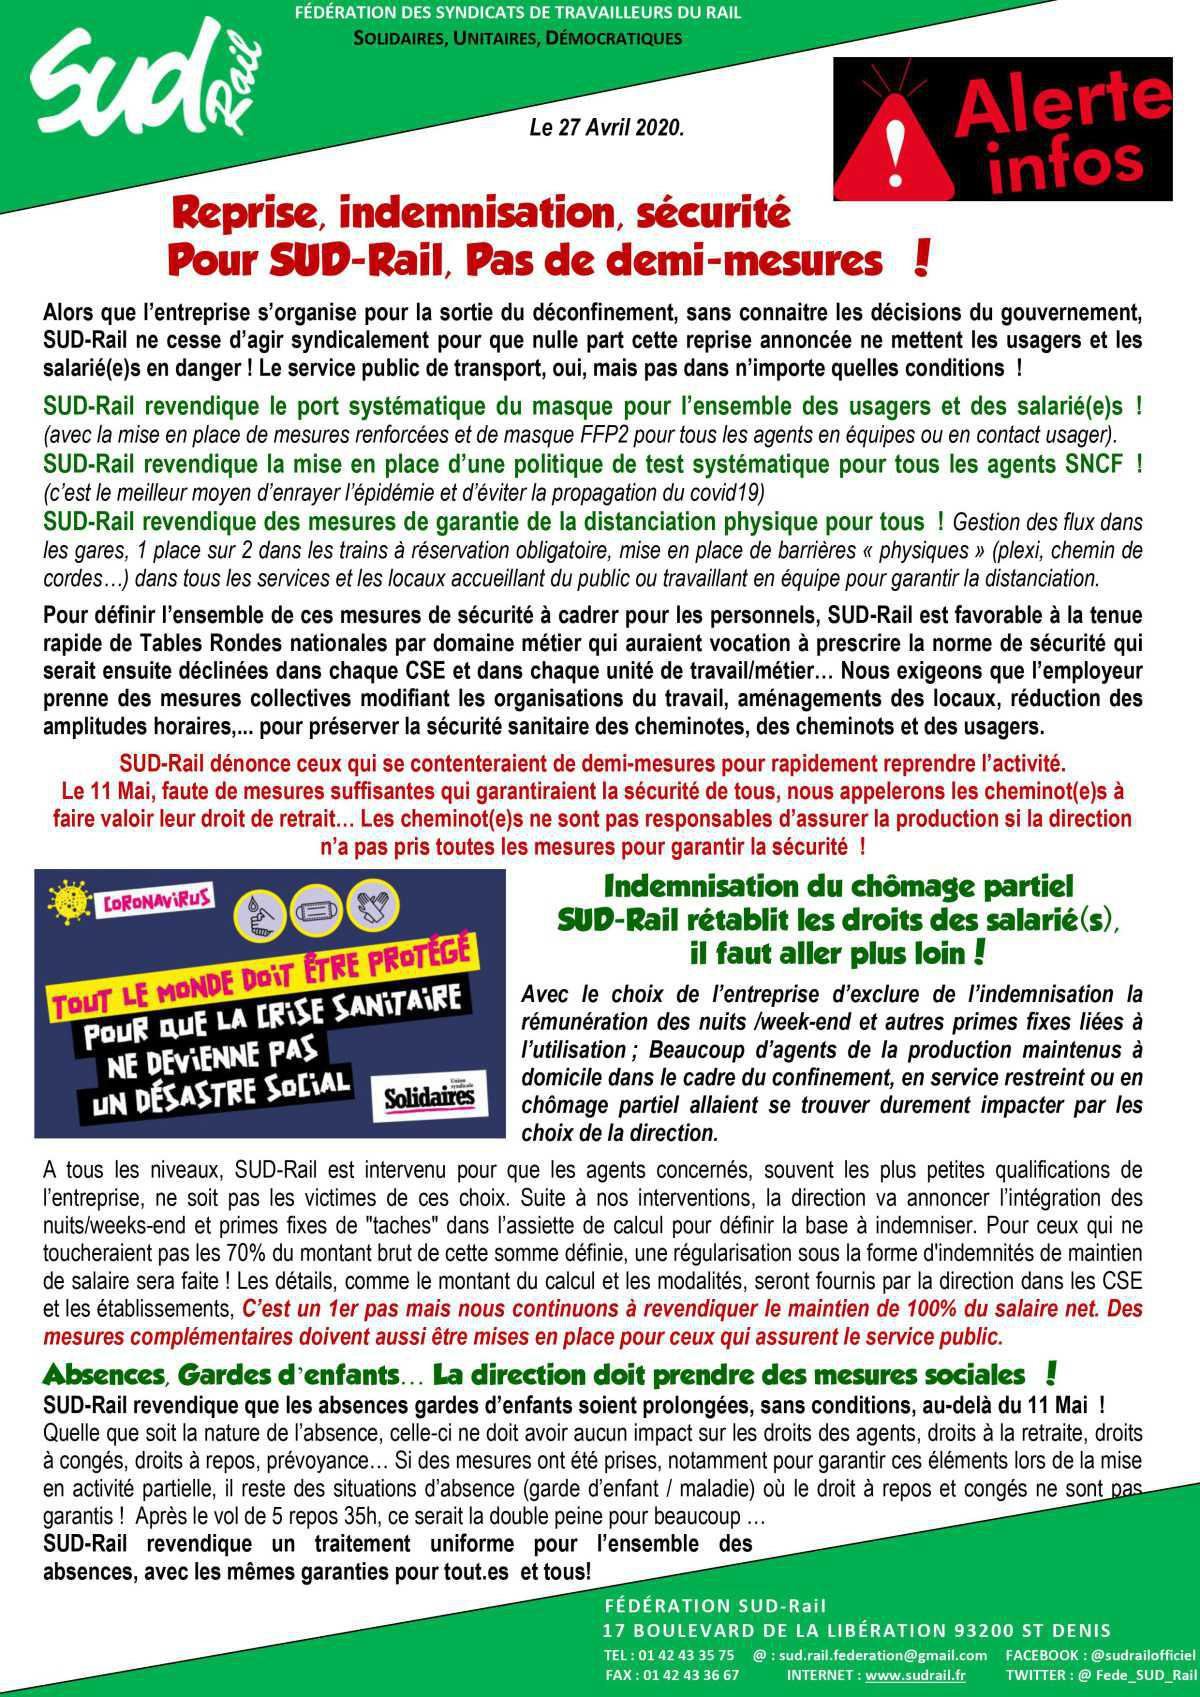 Reprise, indemnisation, sécurité. Pour SUD Rail, Pas de demi-mesures !